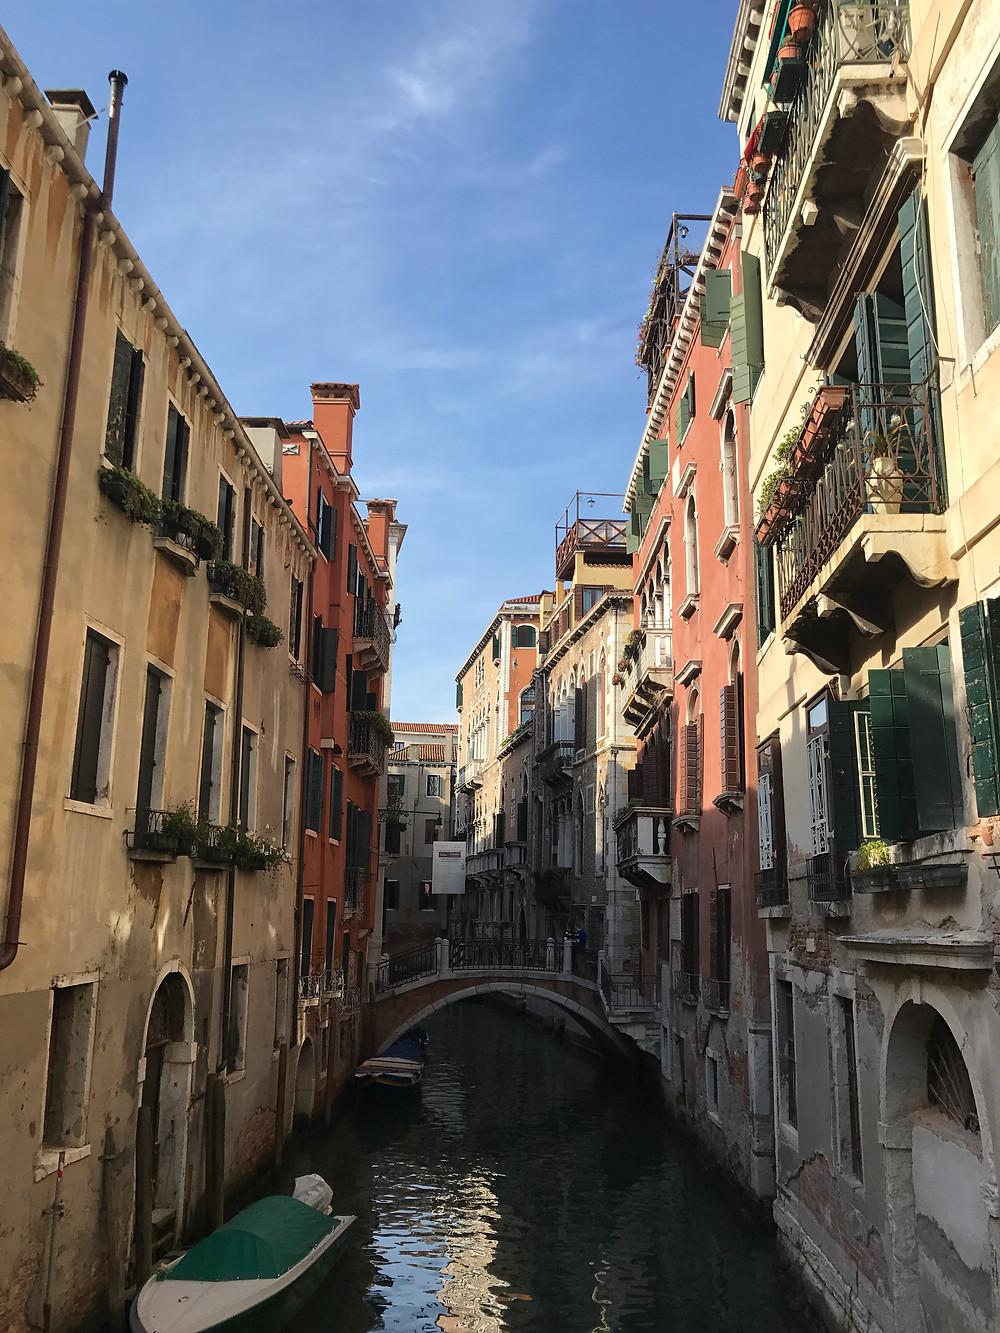 Sightseeing around Italy.